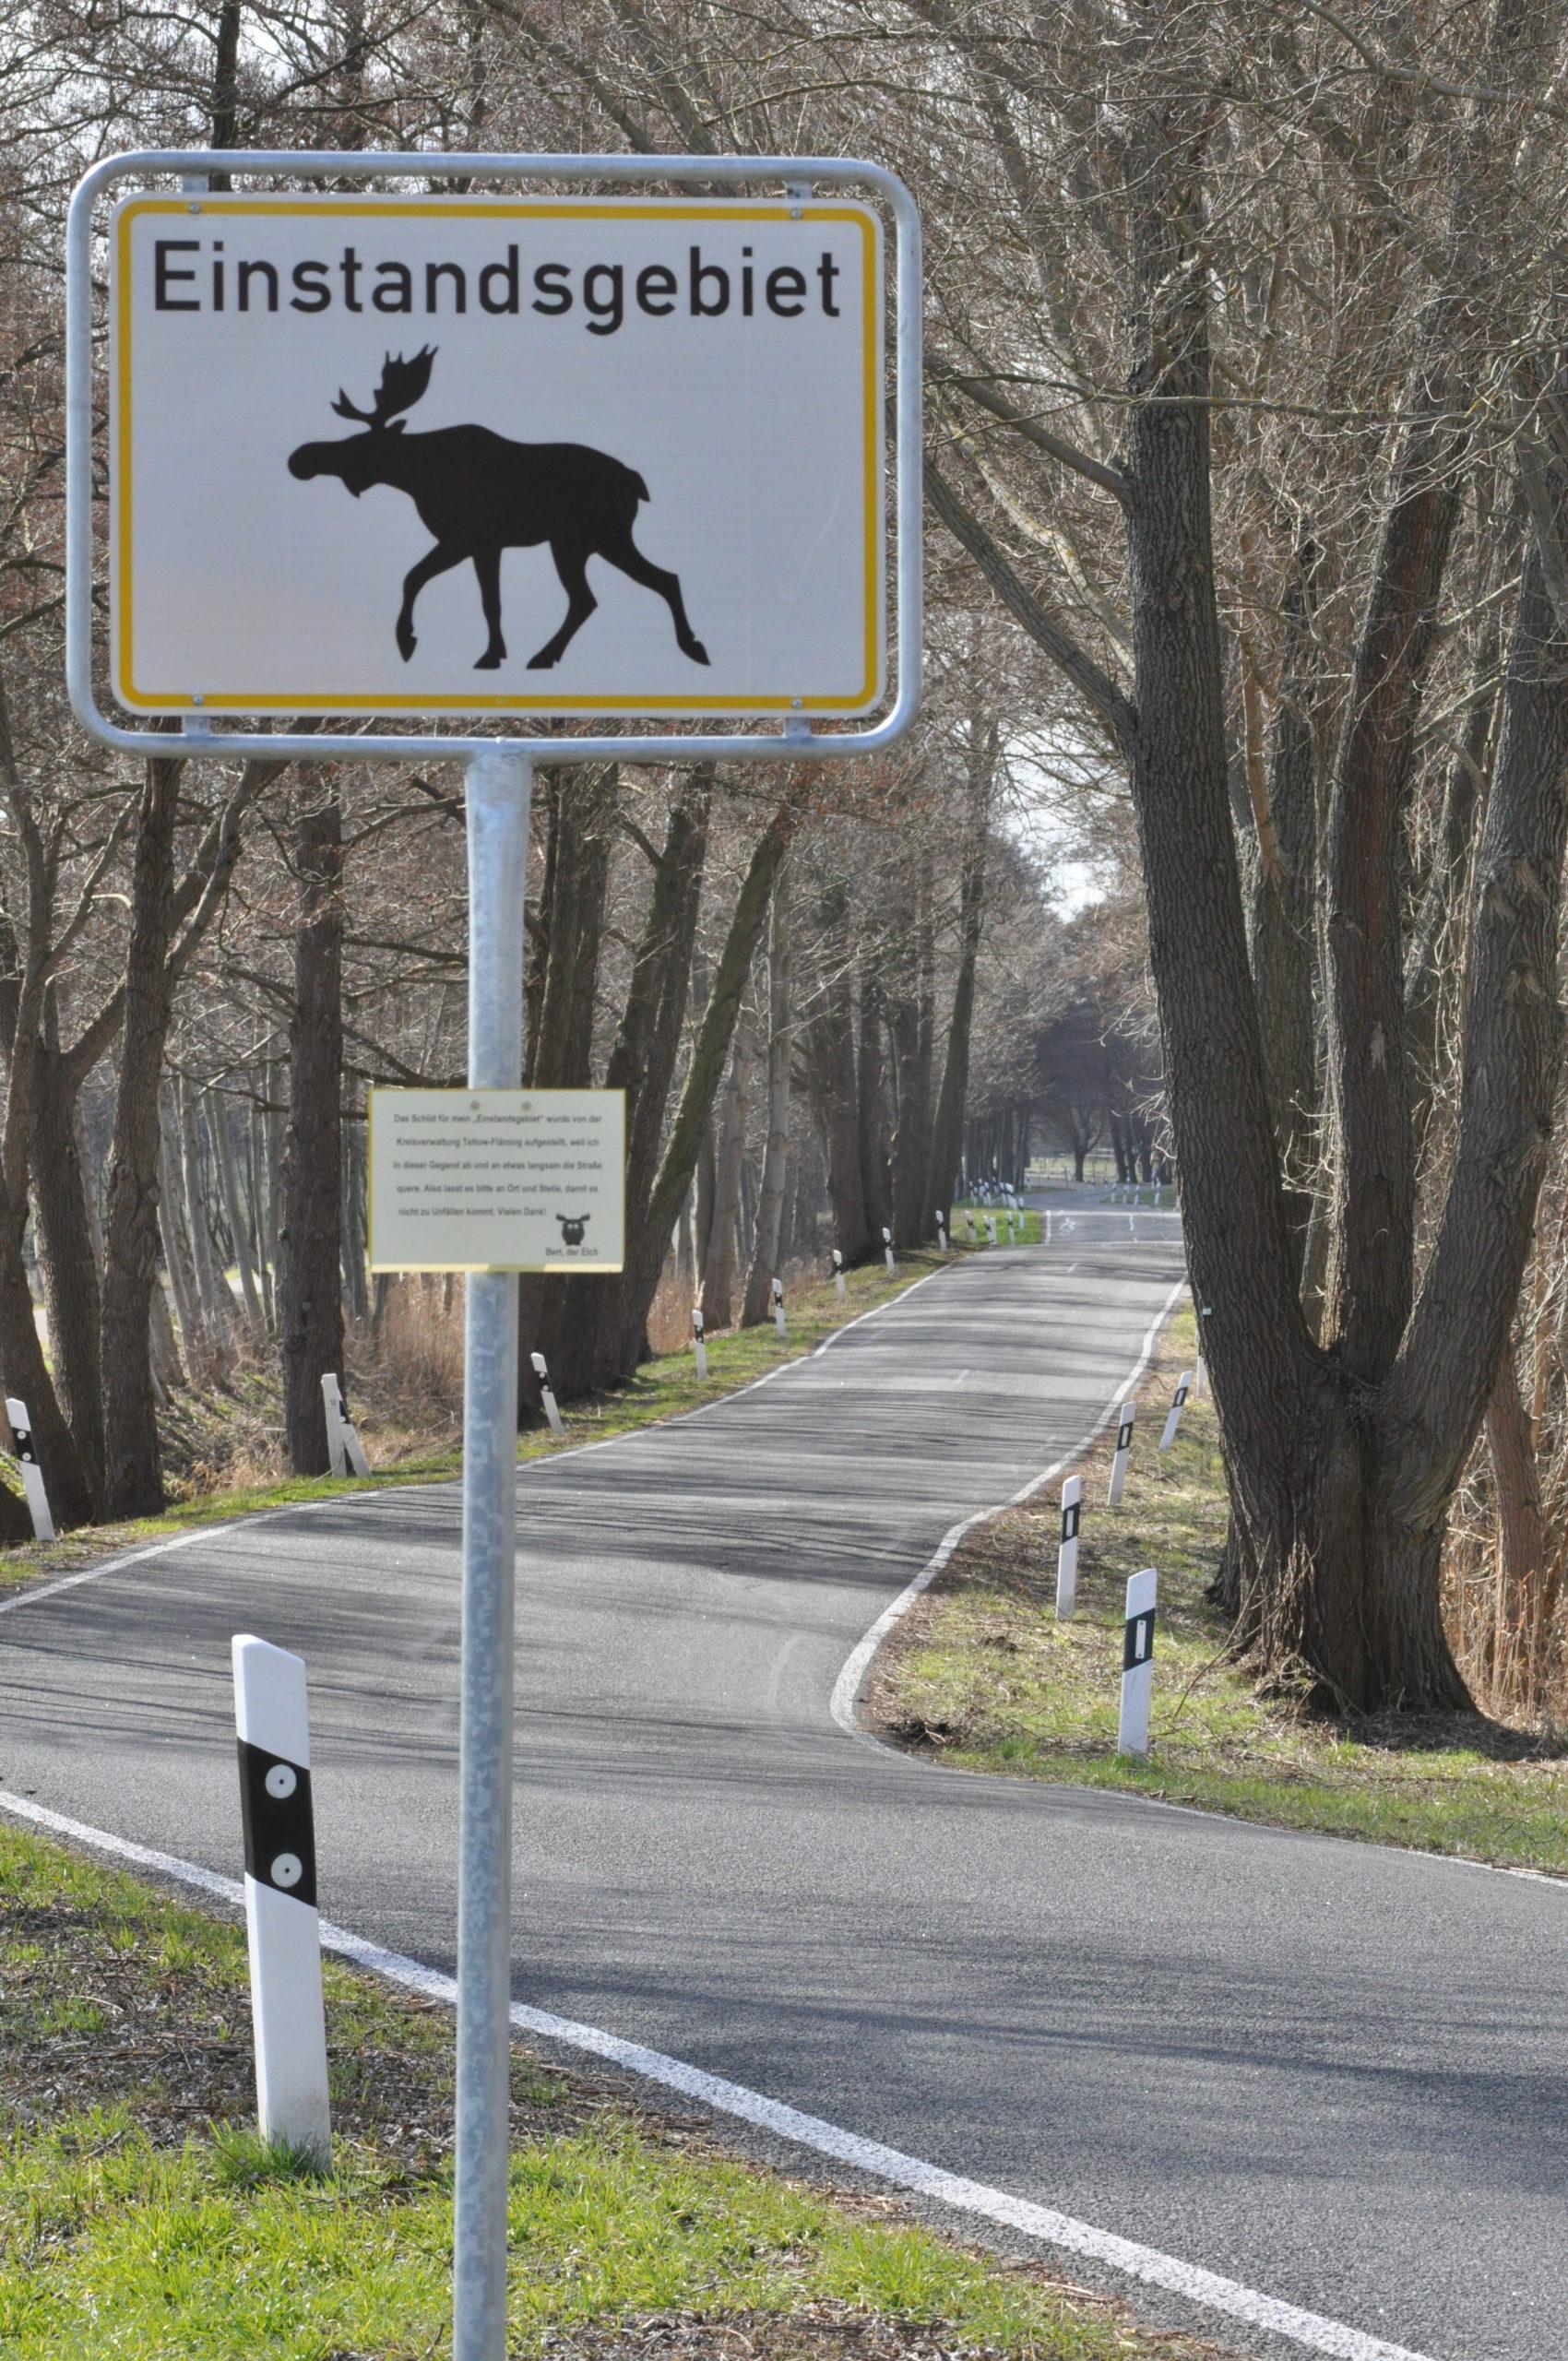 Warnschild in Dobbrikow - Einstandsgebiet des Elches